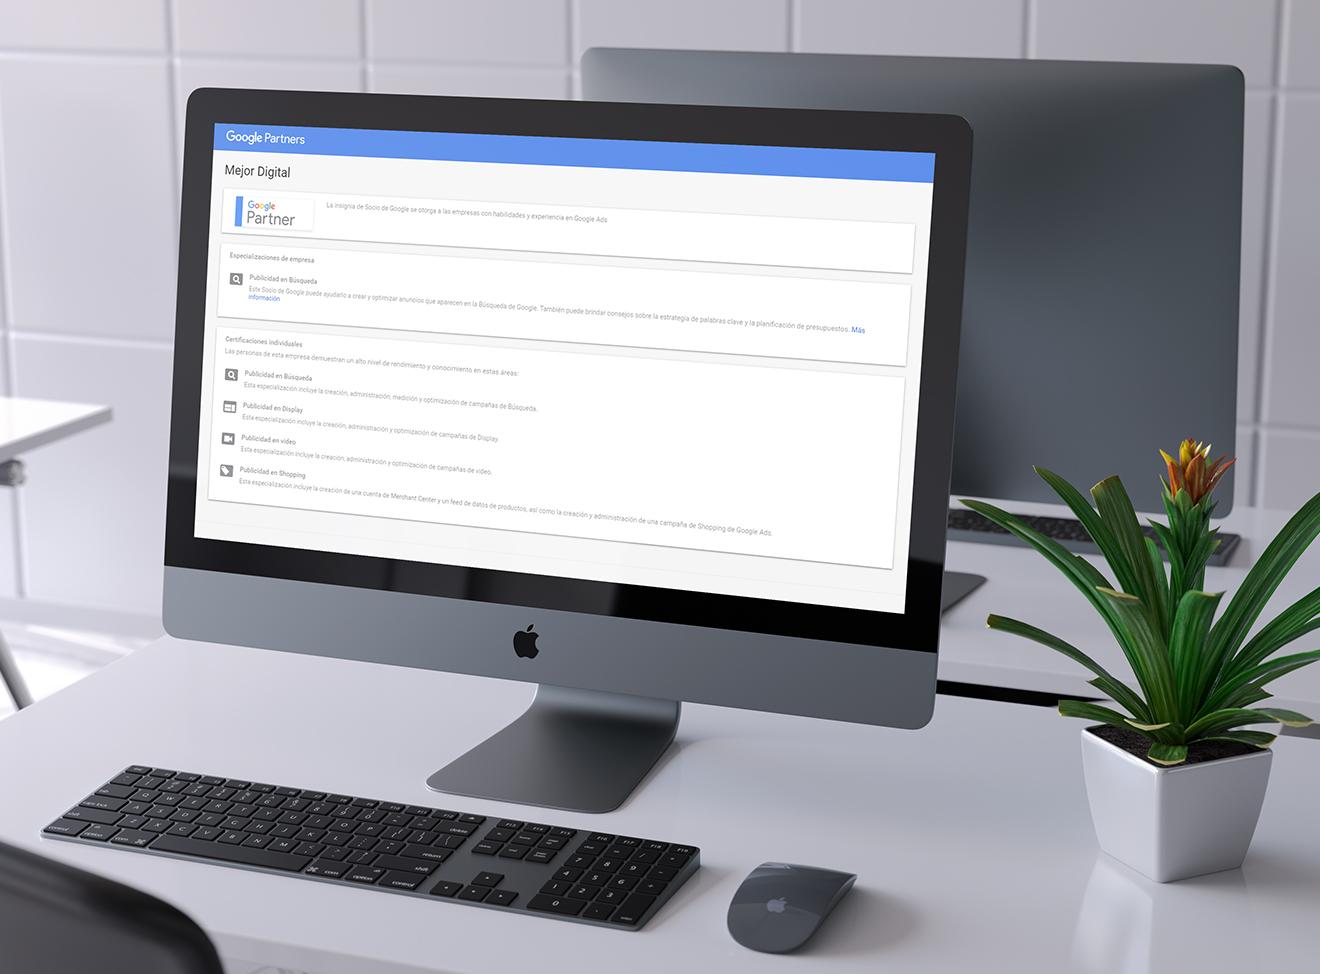 Marketing Digital Agencia Digital, Publicidad en Google, publicidad_en_google_partners